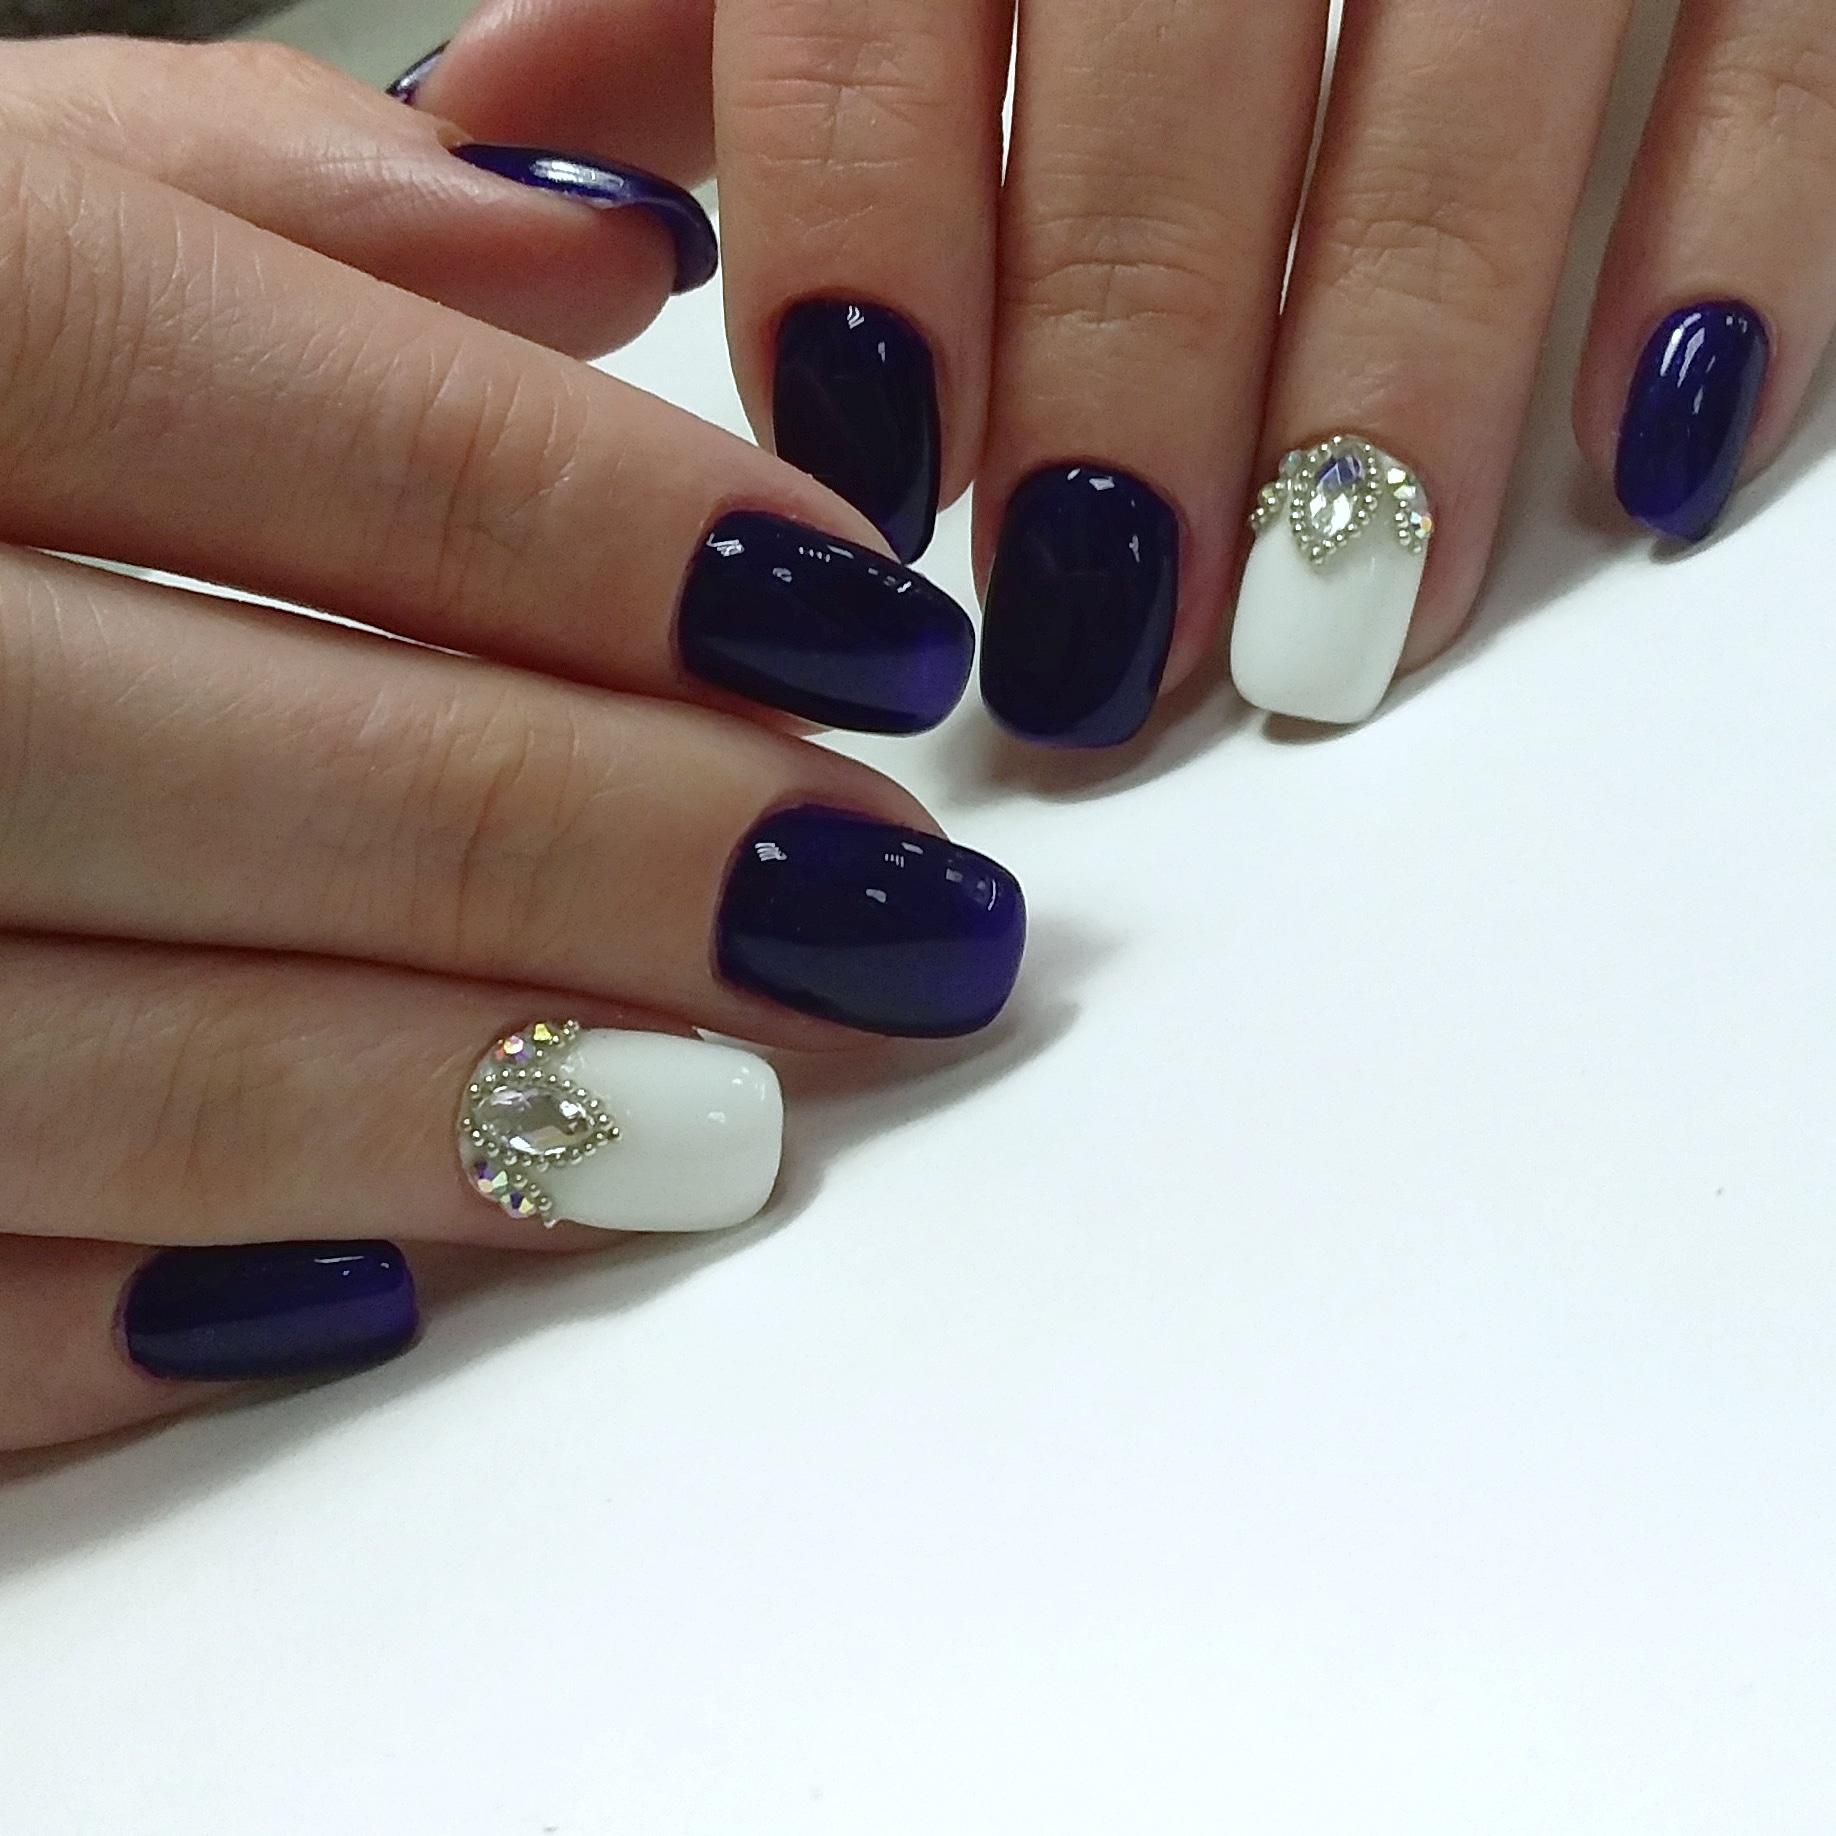 Маникюр в тёмно-синем цвете с белым дизайном и объёмными стразами.